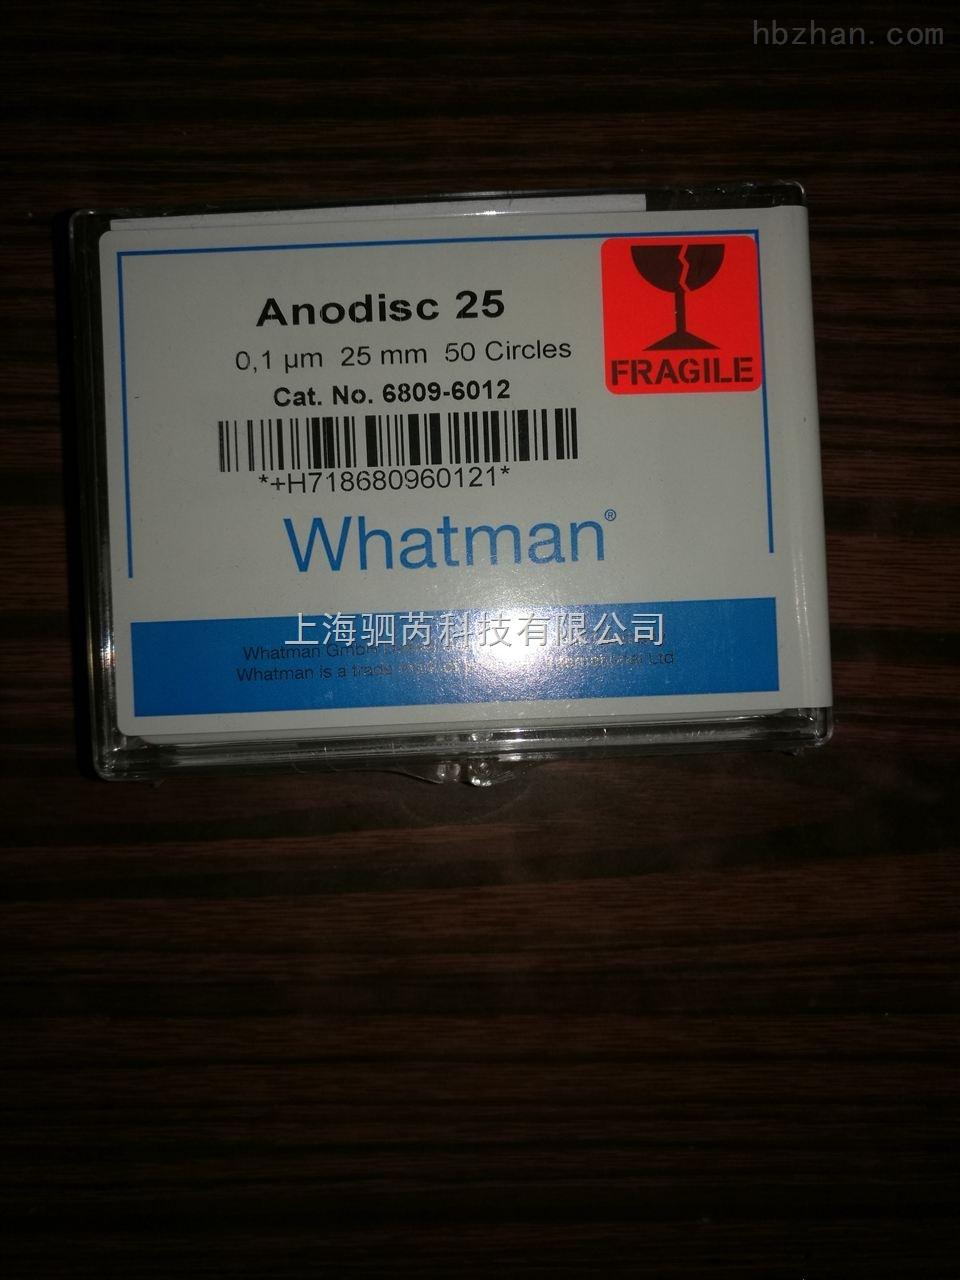 GE WHATMAN 无机膜 AAO膜 氧化铝膜Anodisc 6809-6012